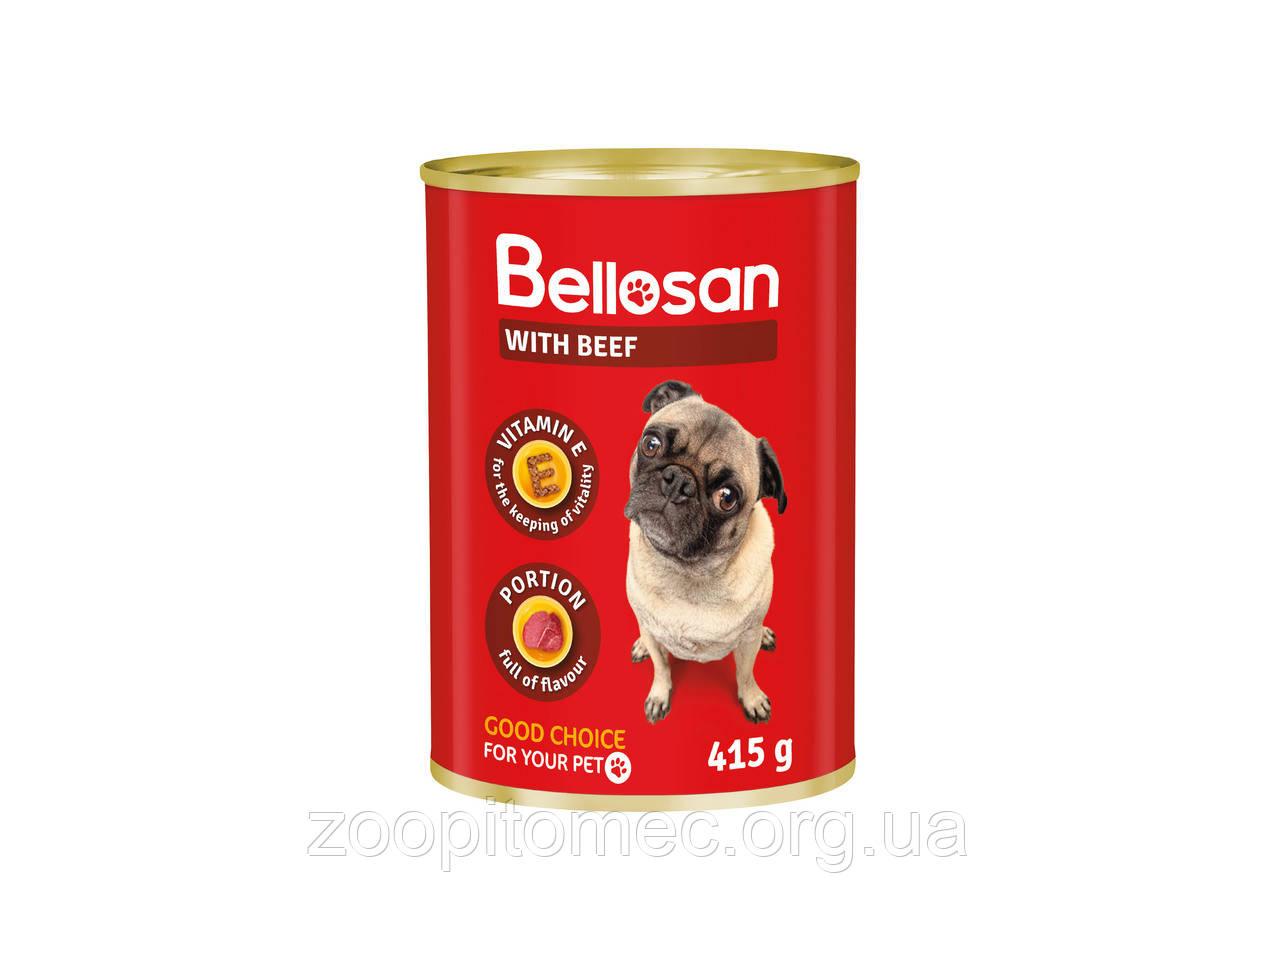 Консерва для собак BELLOSAN WITH BEEF с говядиной, 1.25 кг Польша